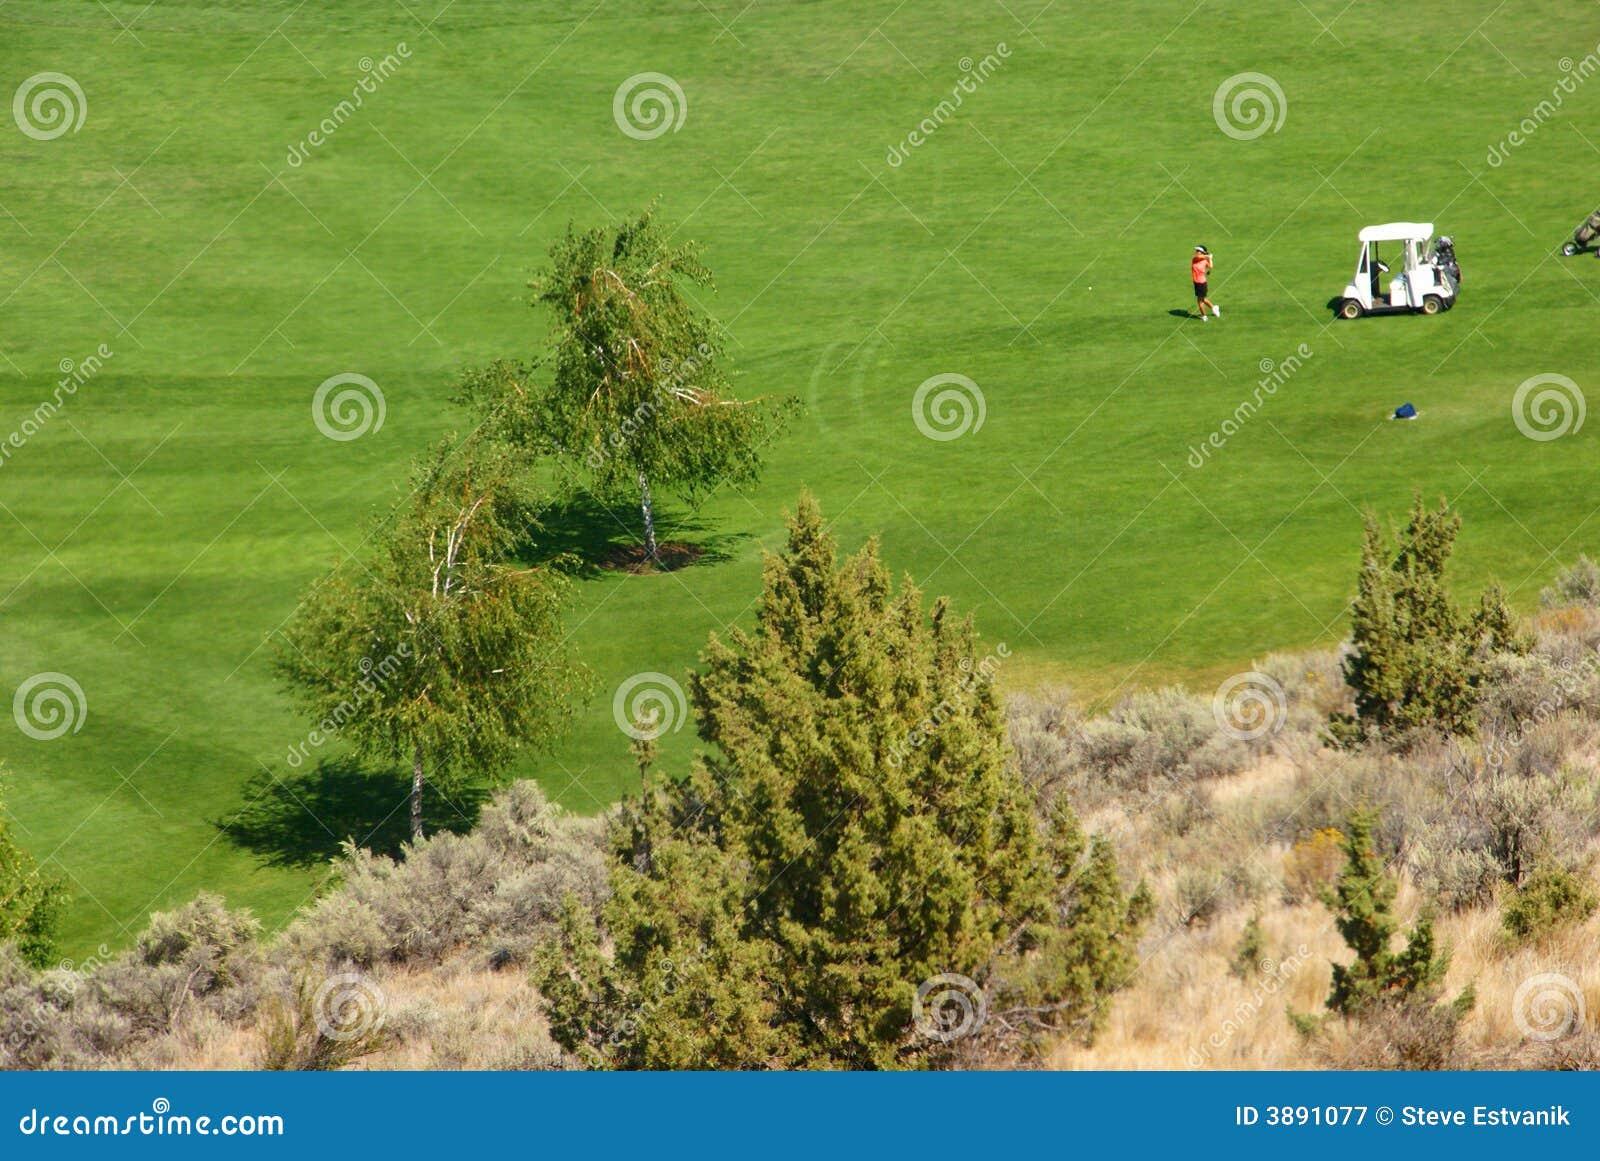 Giocatori di golf sul tratto navigabile verde intenso